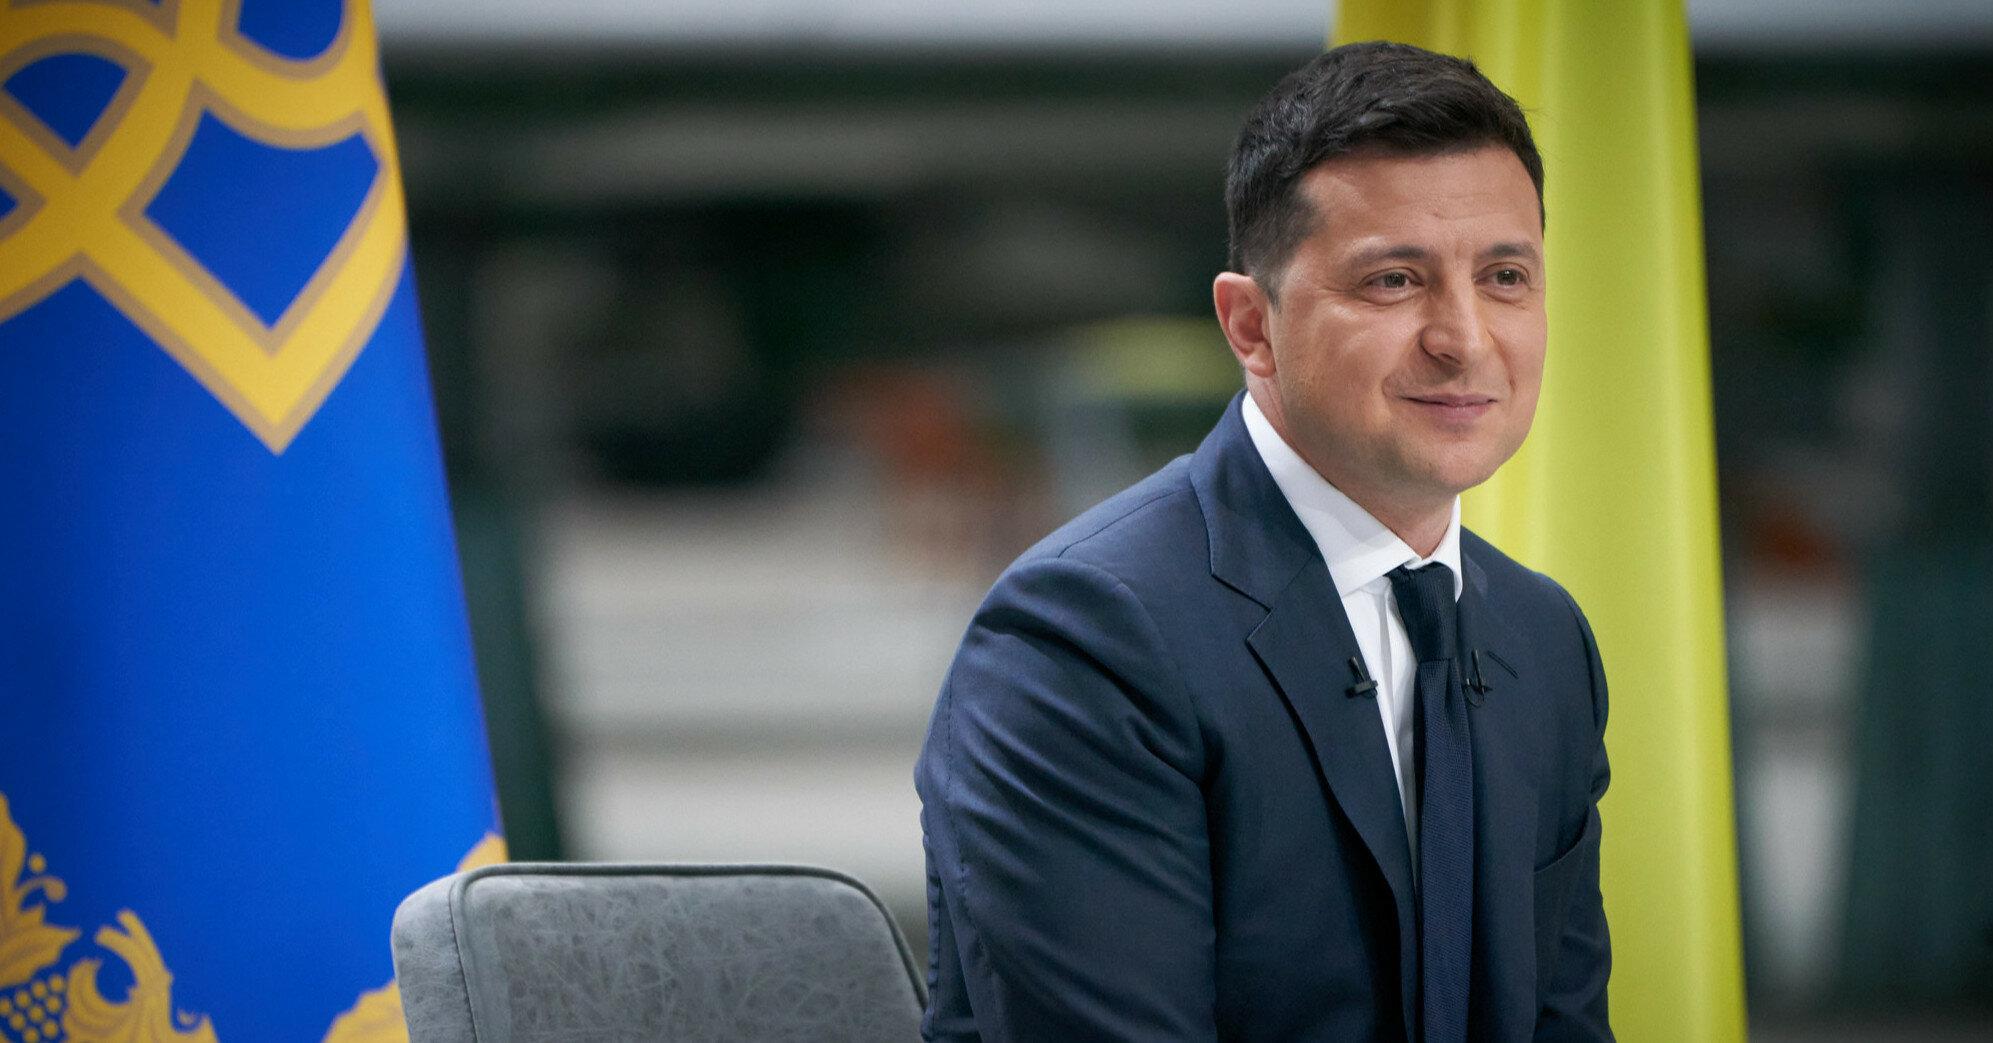 Зеленский отправится с визитом в Литву